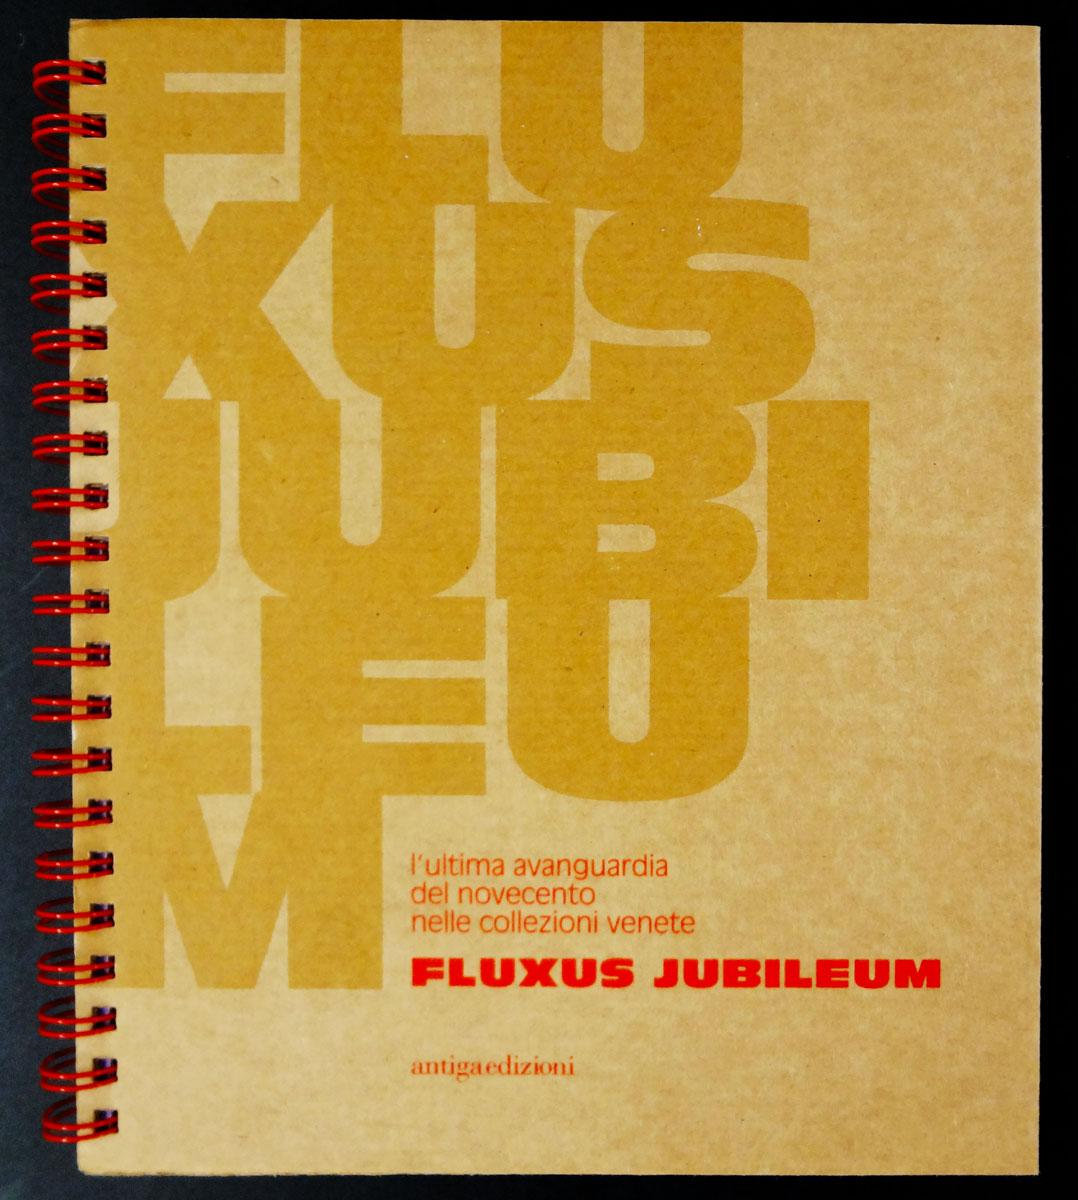 FLUXUS-JUBILEUM